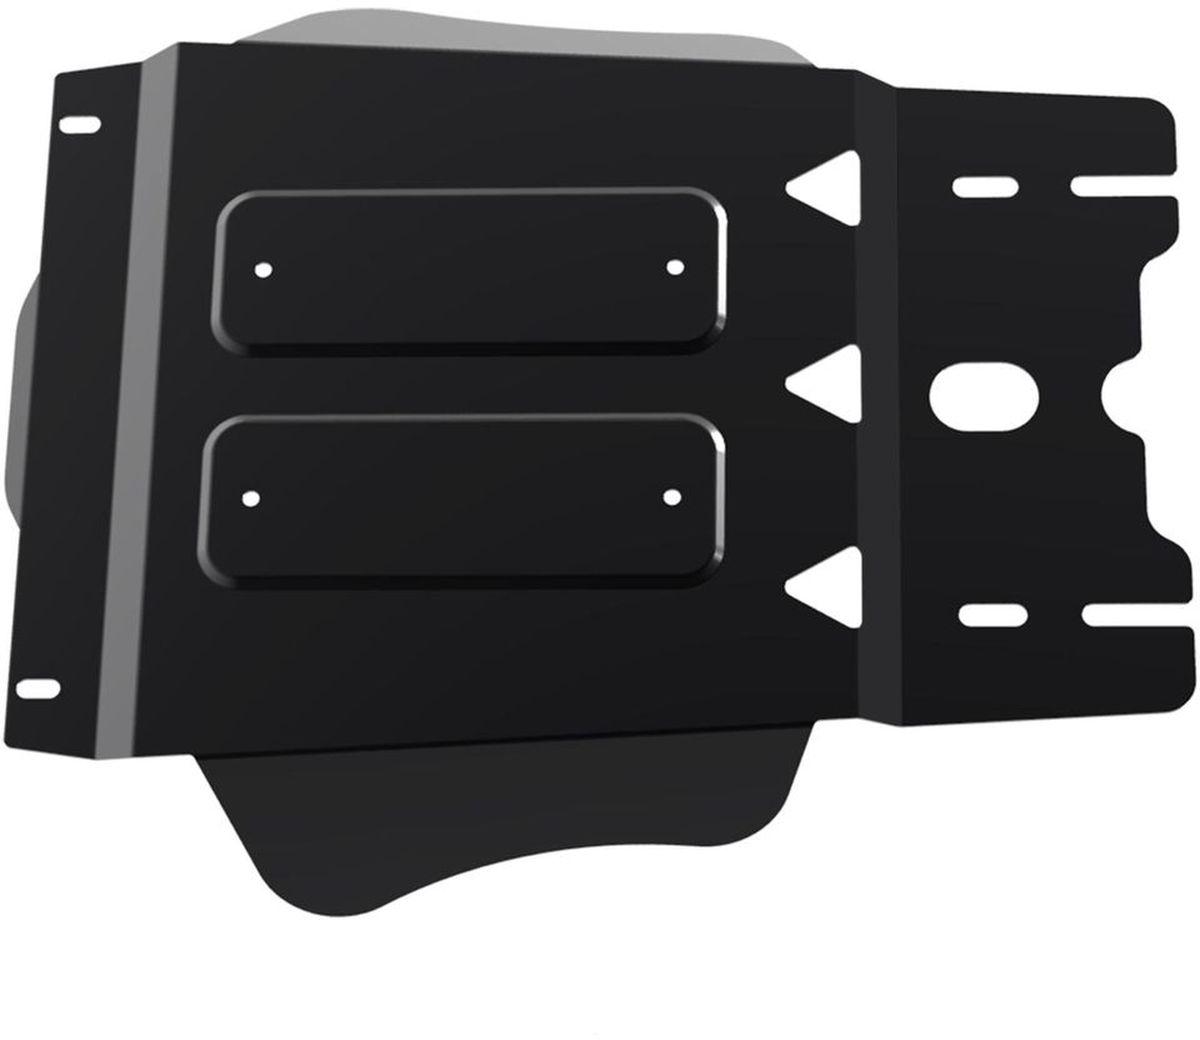 Защита КПП Автоброня, для Nissan Navara, V - 2,5;3,0;4,0 (2005-)/Pathfinder, V - 2,5;3,0; 4,0 (2005-2014)1004900000360Технологически совершенный продукт за невысокую стоимость.Защита разработана с учетом особенностей днища автомобиля, что позволяет сохранить дорожный просвет с минимальным изменением.Защита устанавливается в штатные места кузова автомобиля. Глубокий штамп обеспечивает до двух раз больше жесткости в сравнении с обычной защитой той же толщины. Проштампованные ребра жесткости препятствуют деформации защиты при ударах.Тепловой зазор и вентиляционные отверстия обеспечивают сохранение температурного режима двигателя в норме. Скрытый крепеж предотвращает срыв крепежных элементов при наезде на препятствие.Шумопоглощающие резиновые элементы обеспечивают комфортную езду без вибраций и скрежета металла, а съемные лючки для слива масла и замены фильтра - экономию средств и время.Конструкция изделия не влияет на пассивную безопасность автомобиля (при ударе защита не воздействует на деформационные зоны кузова). Со штатным крепежом. В комплекте инструкция по установке.Толщина стали: 2 мм.Уважаемые клиенты!Обращаем ваше внимание, что элемент защиты имеет форму, соответствующую модели данного автомобиля. Фото служит для визуального восприятия товара и может отличаться от фактического.